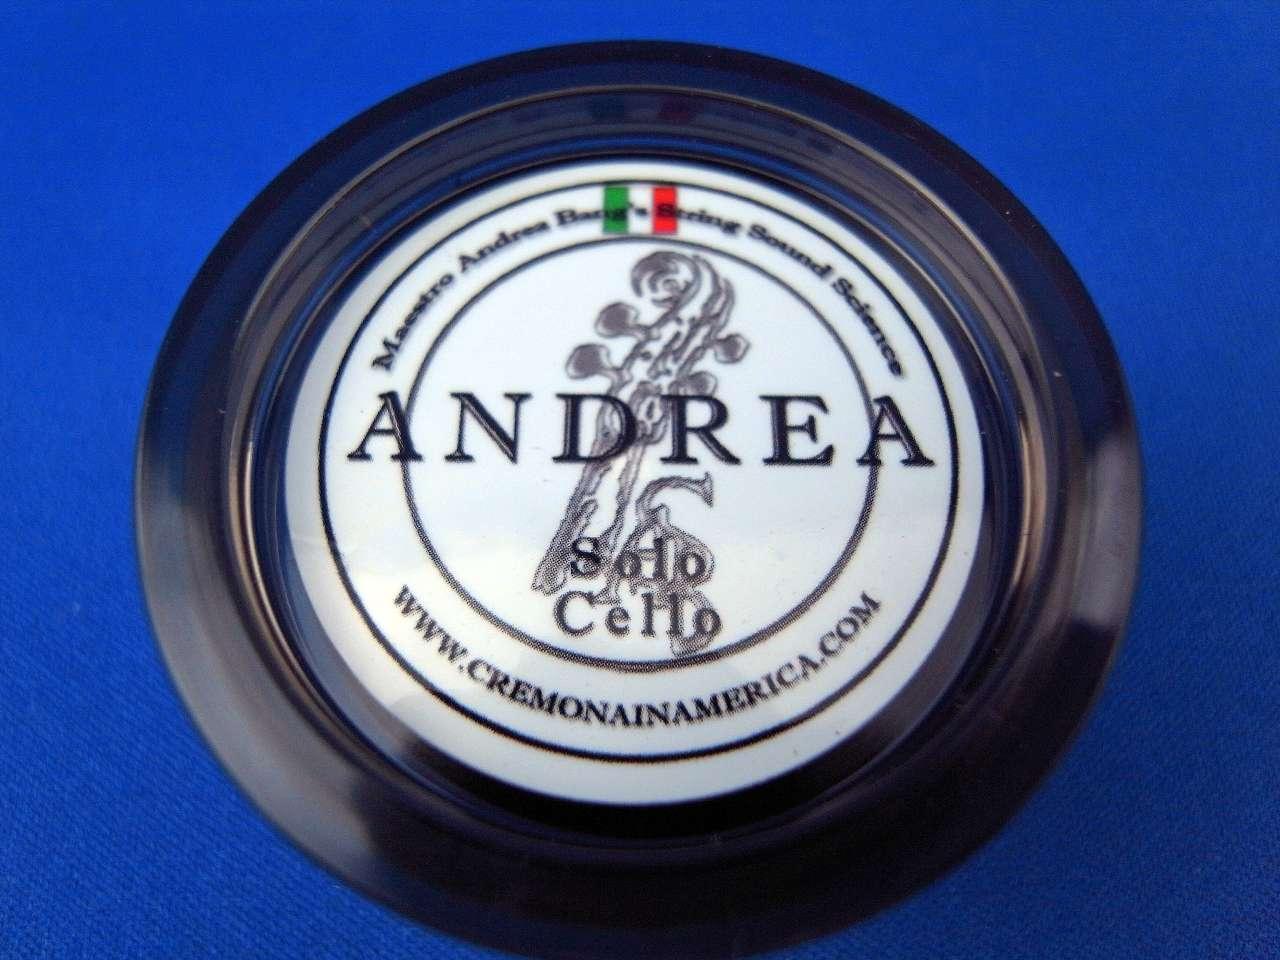 画像1: アンドレア・ロジン「ソロ・チェロ」 Andrea Rosin「Solo Cello」